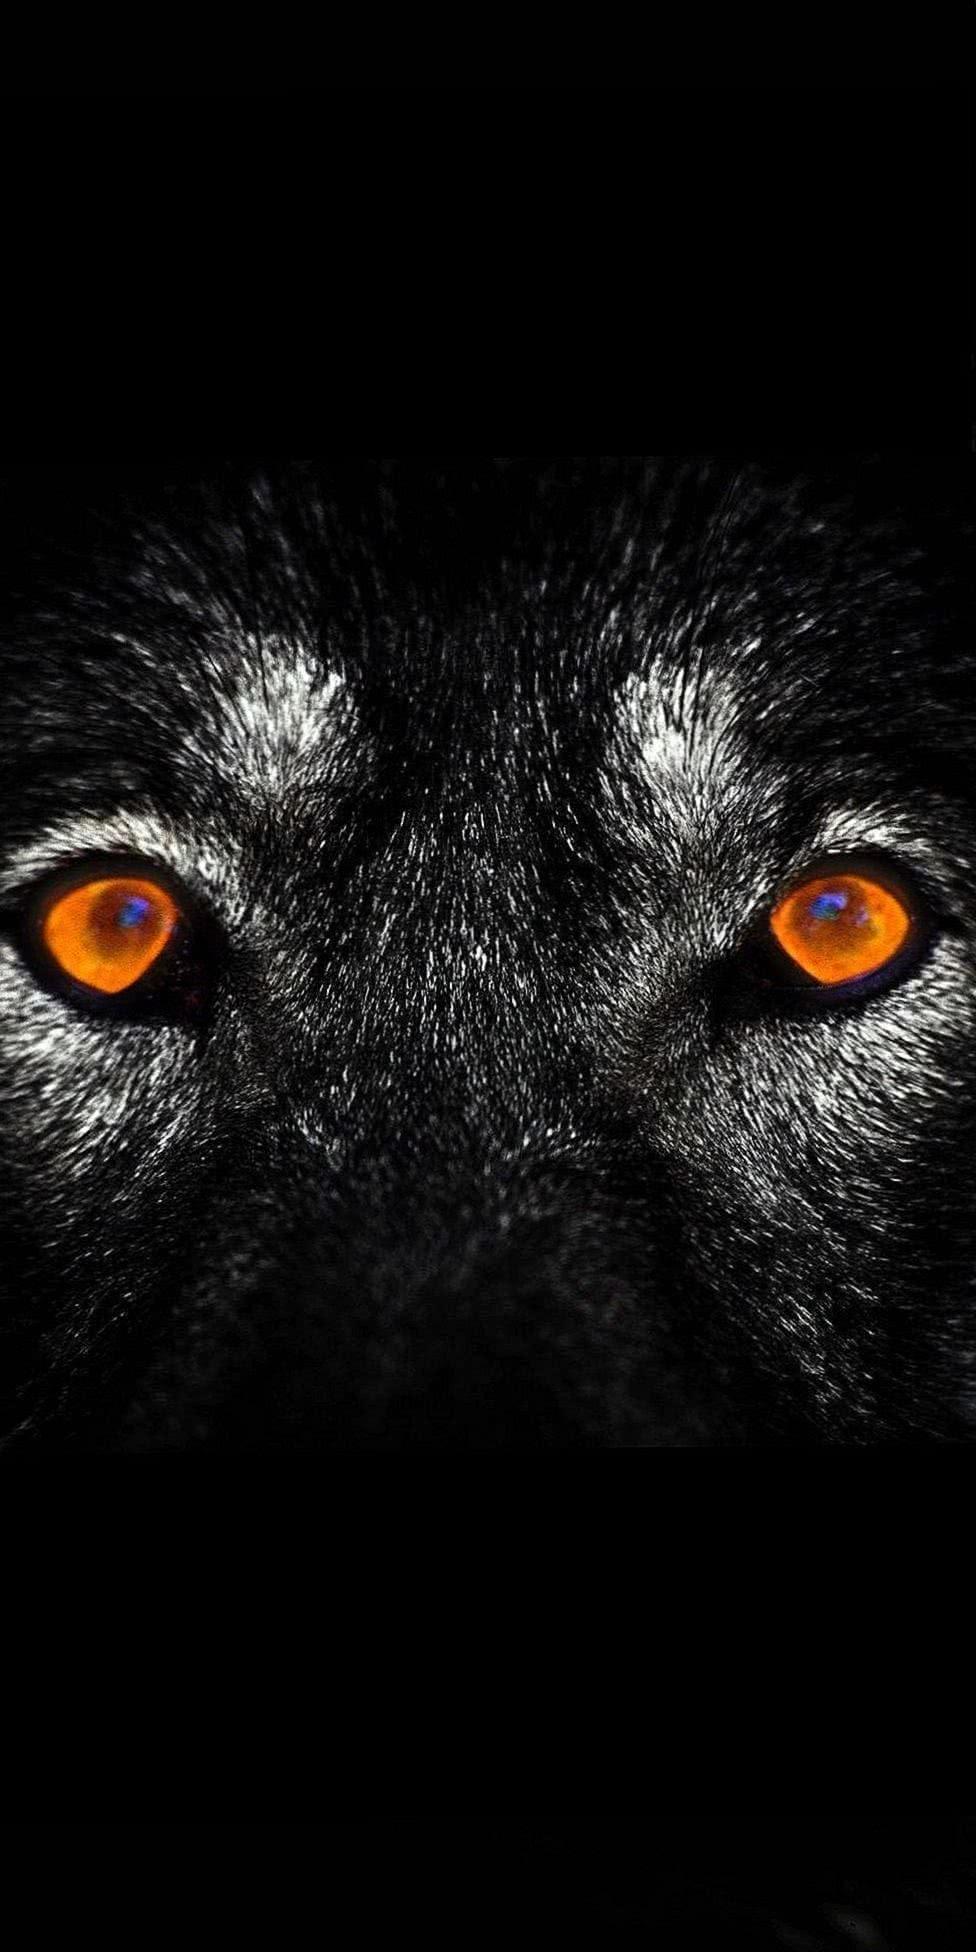 Dark Wolf Eyes Wallpapers